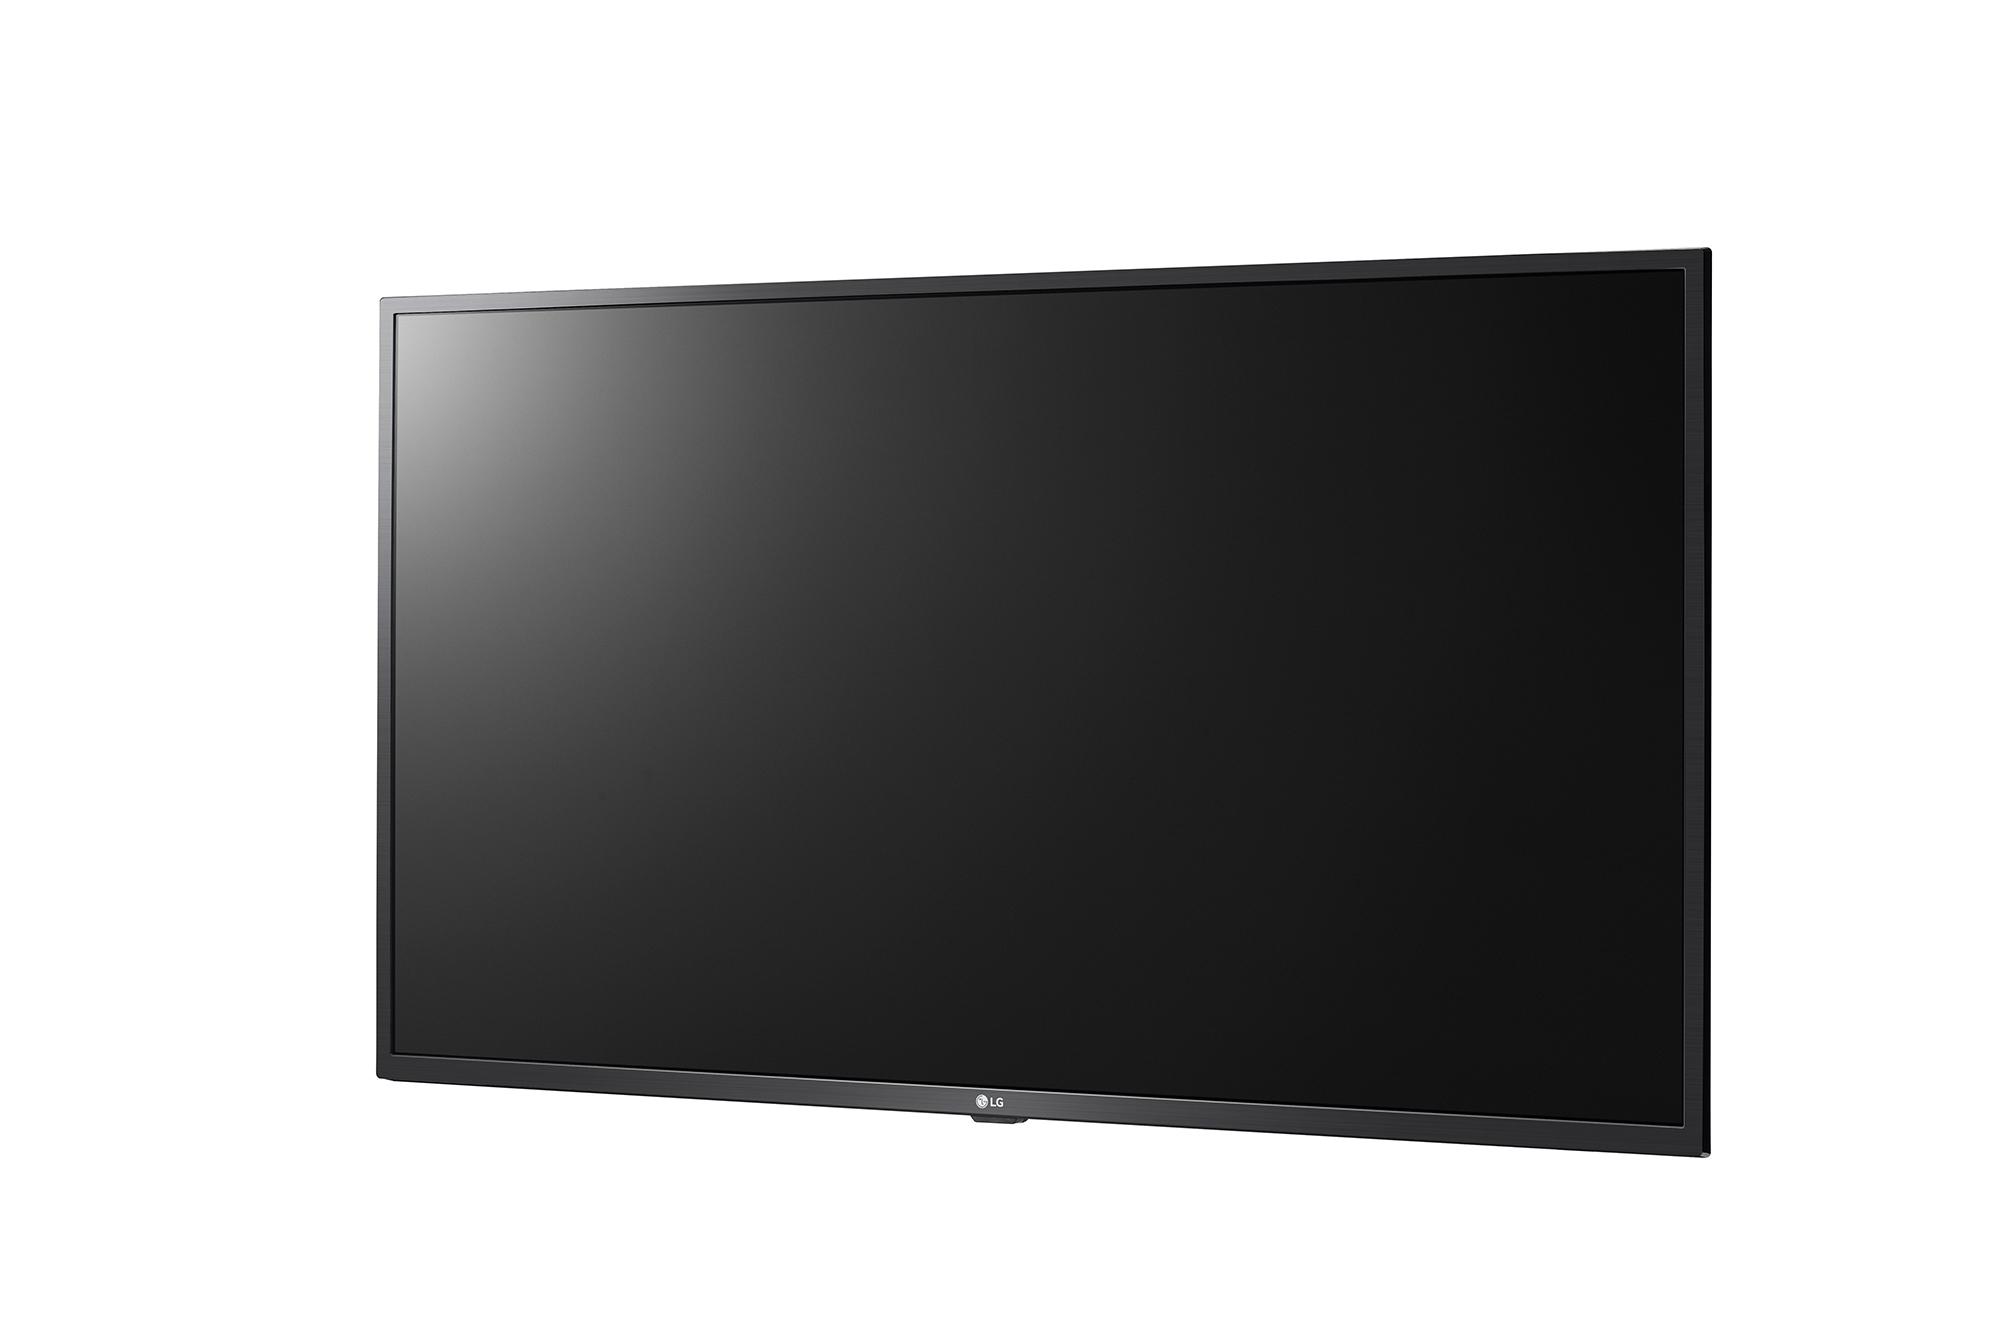 LG Standard Premium 43UL3G-B 3